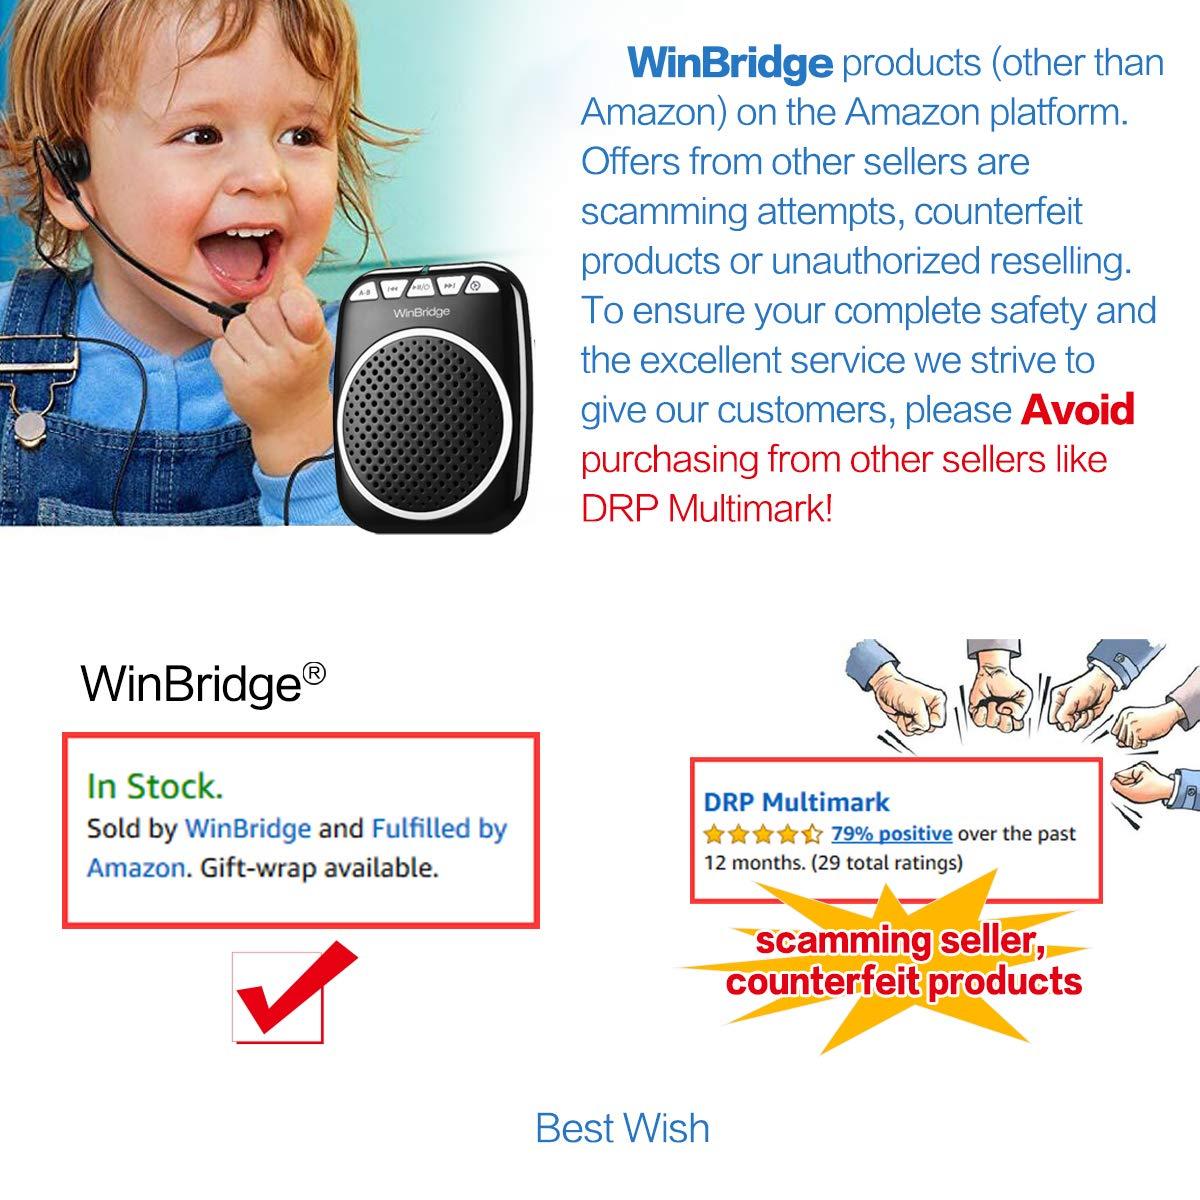 WinBridge WB001 Rechargeable Ultralight Portable Voice Amplifier Waist Support MP3 Format Audio for Tour Guides, Teachers, Coaches, Presentations, Costumes, Etc.-Black